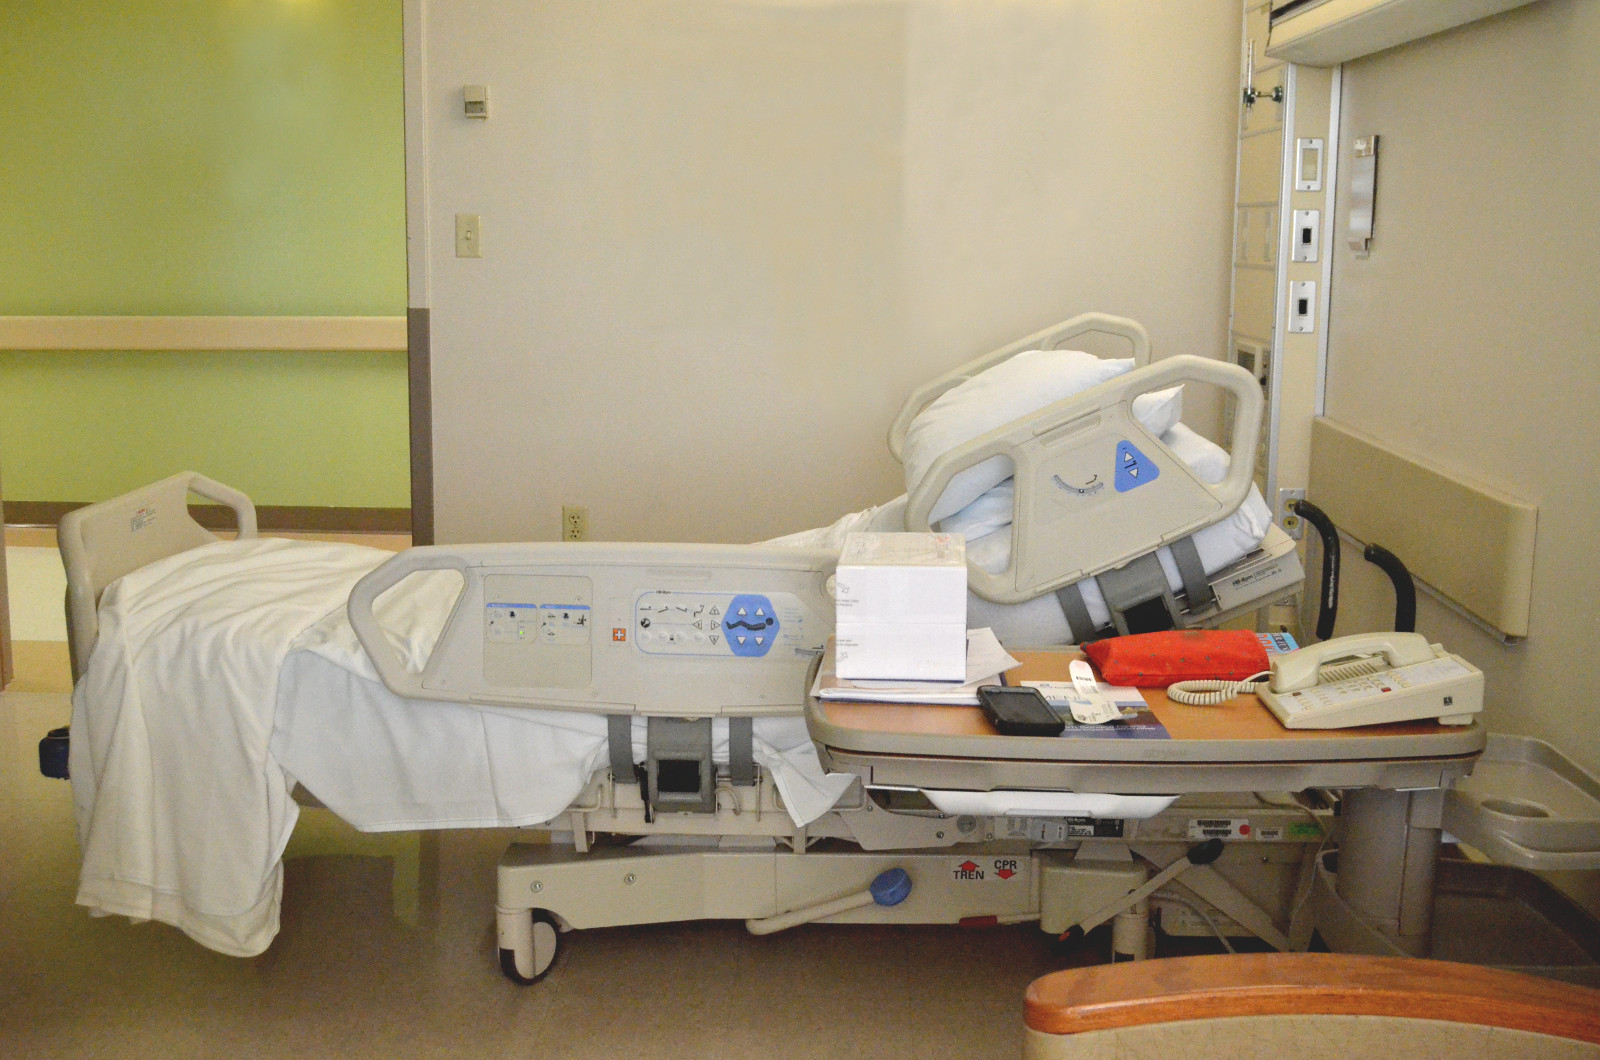 「体位変換」とそこから見える看護師のエビデンスとの関係性